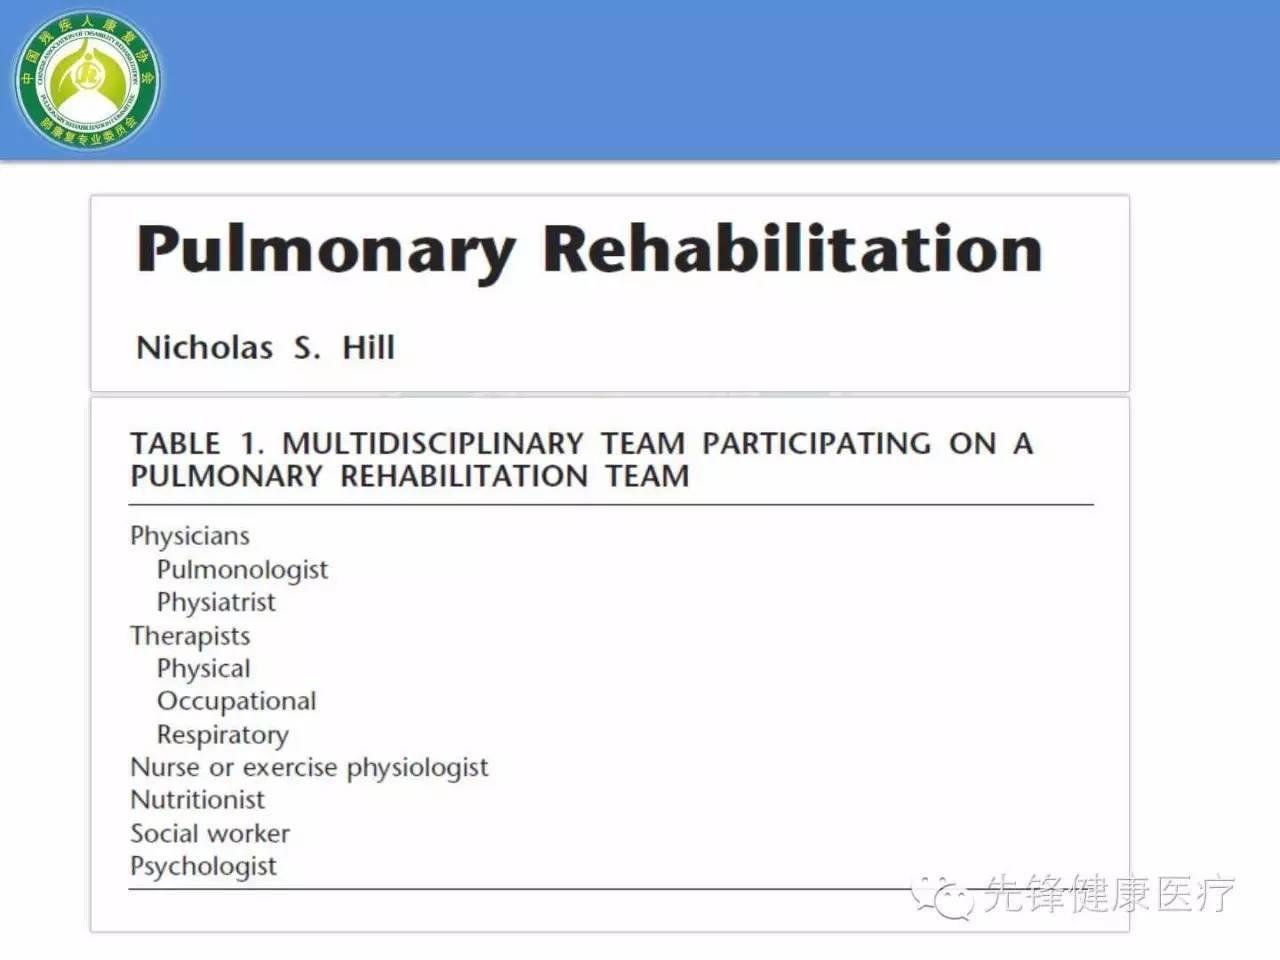 肺康复的组织架构与实施